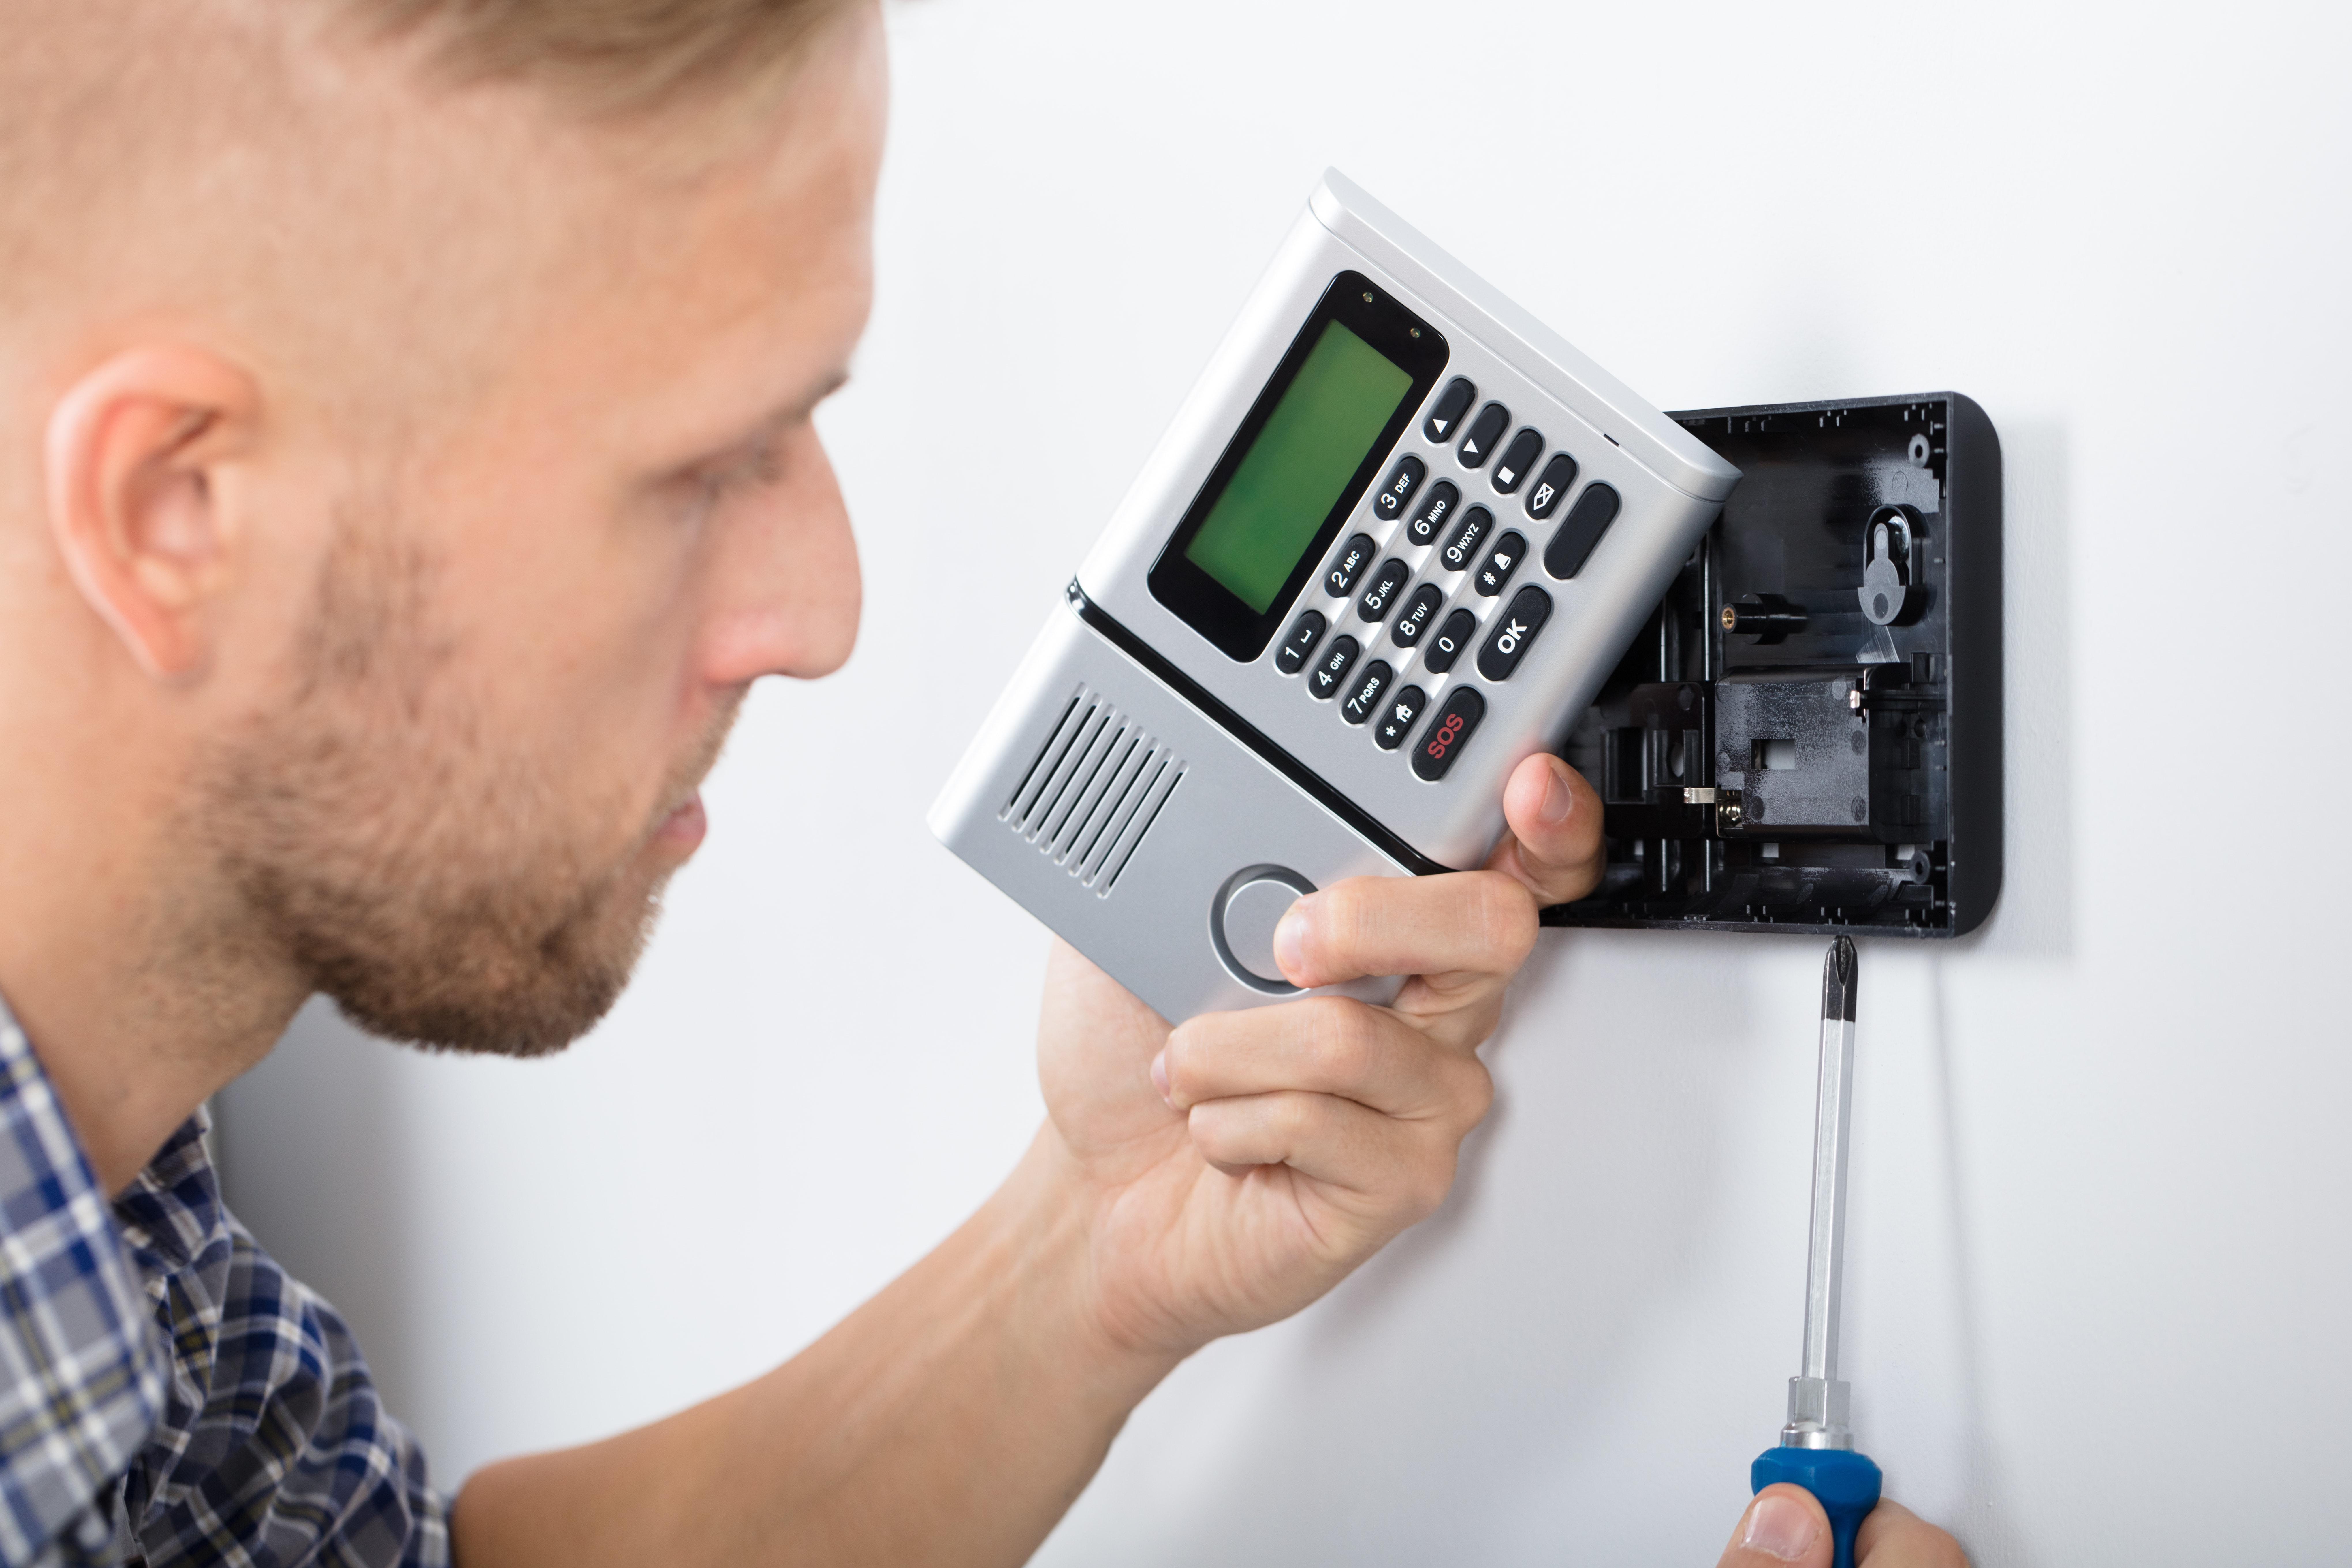 réparation système alarme